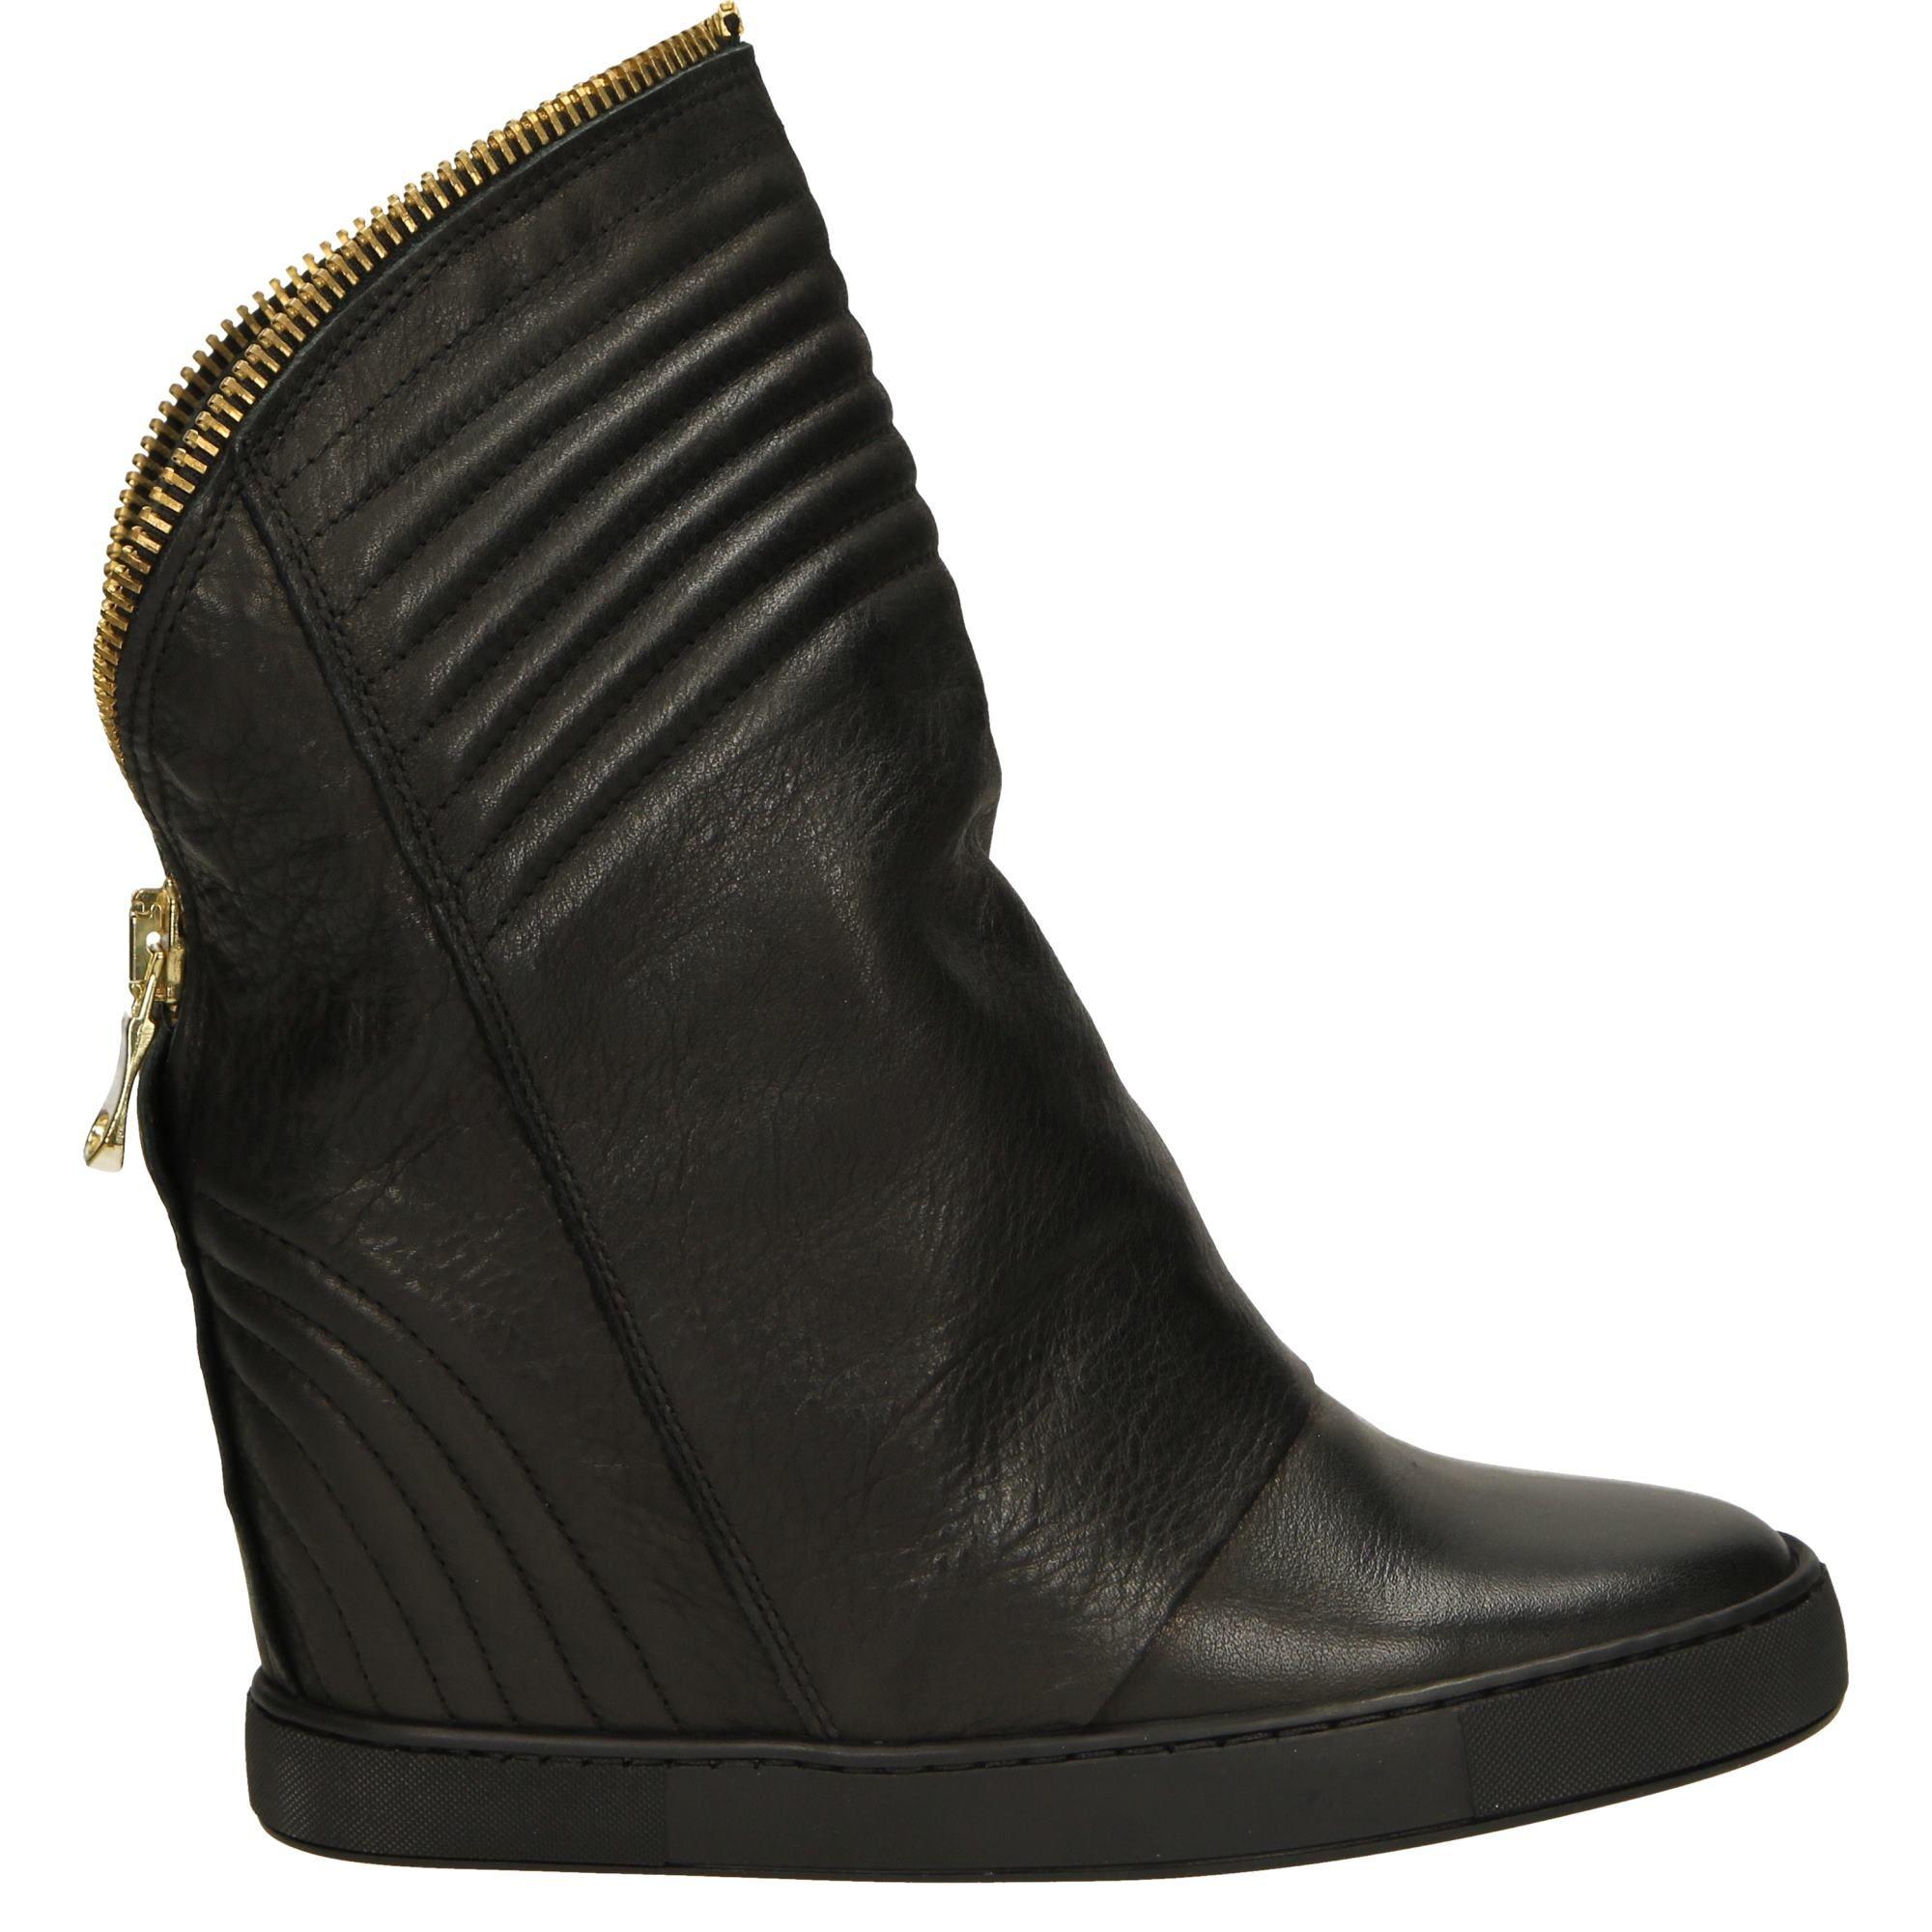 Venezia Firmowy Sklep Online Markowe Buty Online Buty Wloskie Obuwie Damskie Obuwie Meskie Torby Damskie Kurtki Damskie Boots Wedge Sneaker Shoes